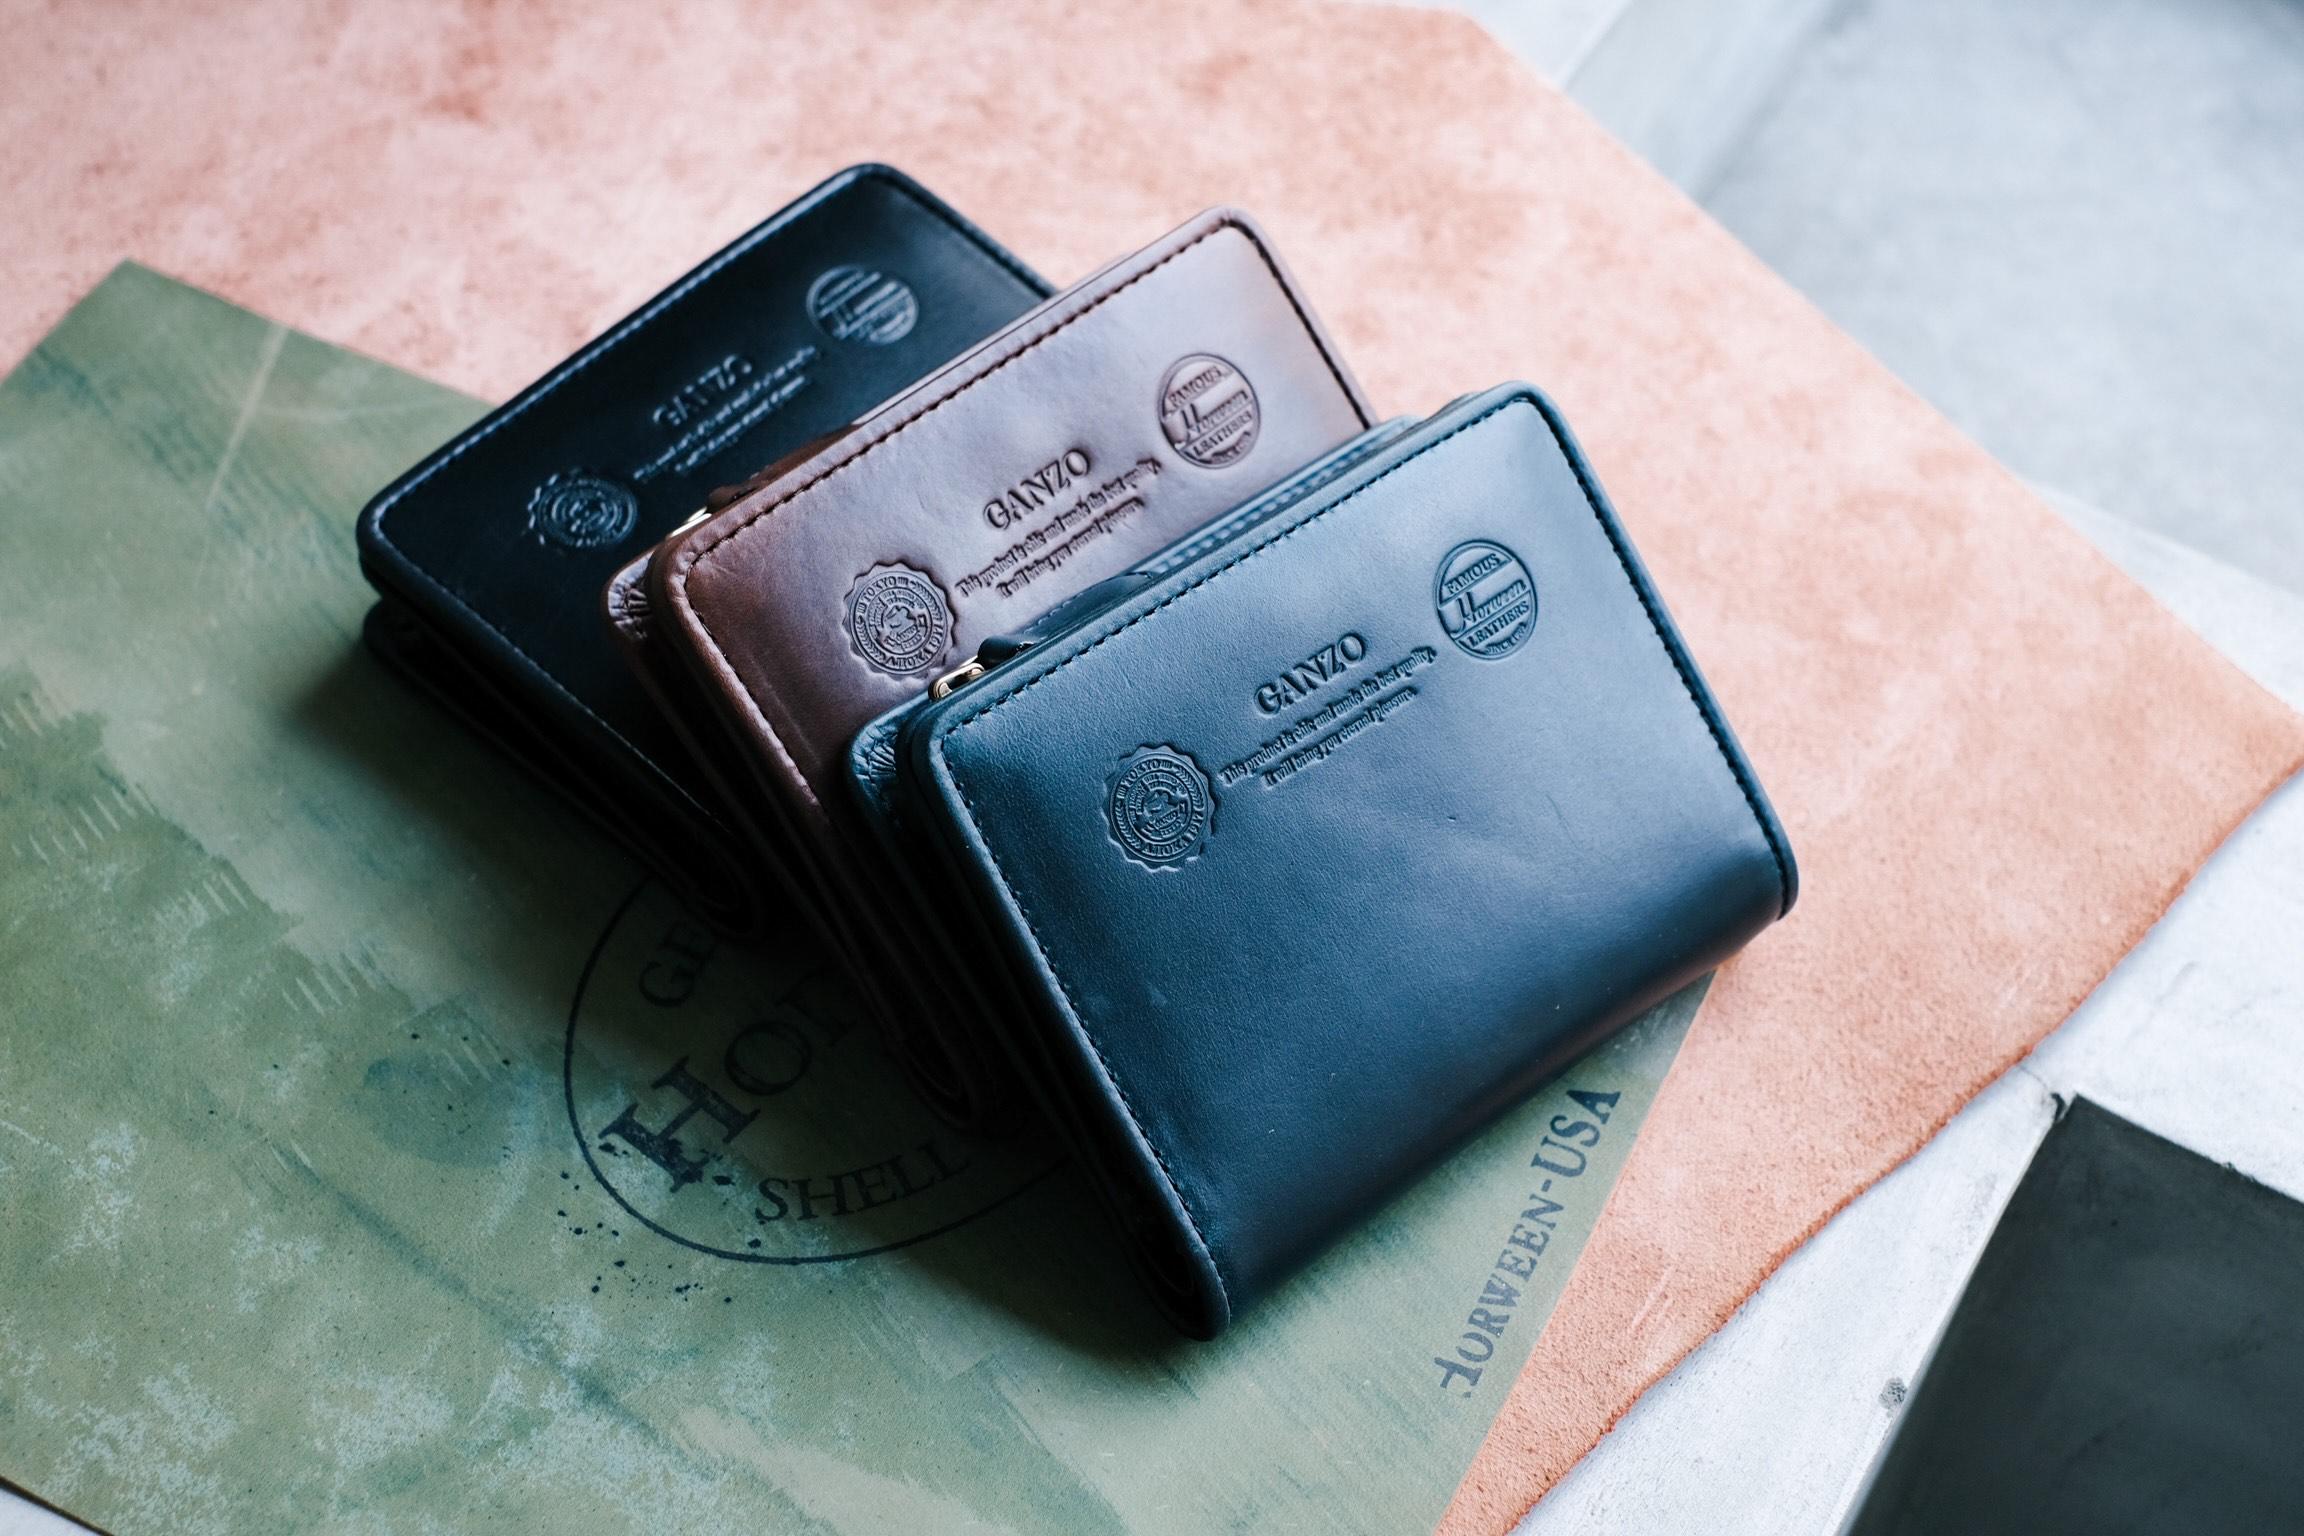 まとまりが良いクロムエクセルを使った二つ折り財布